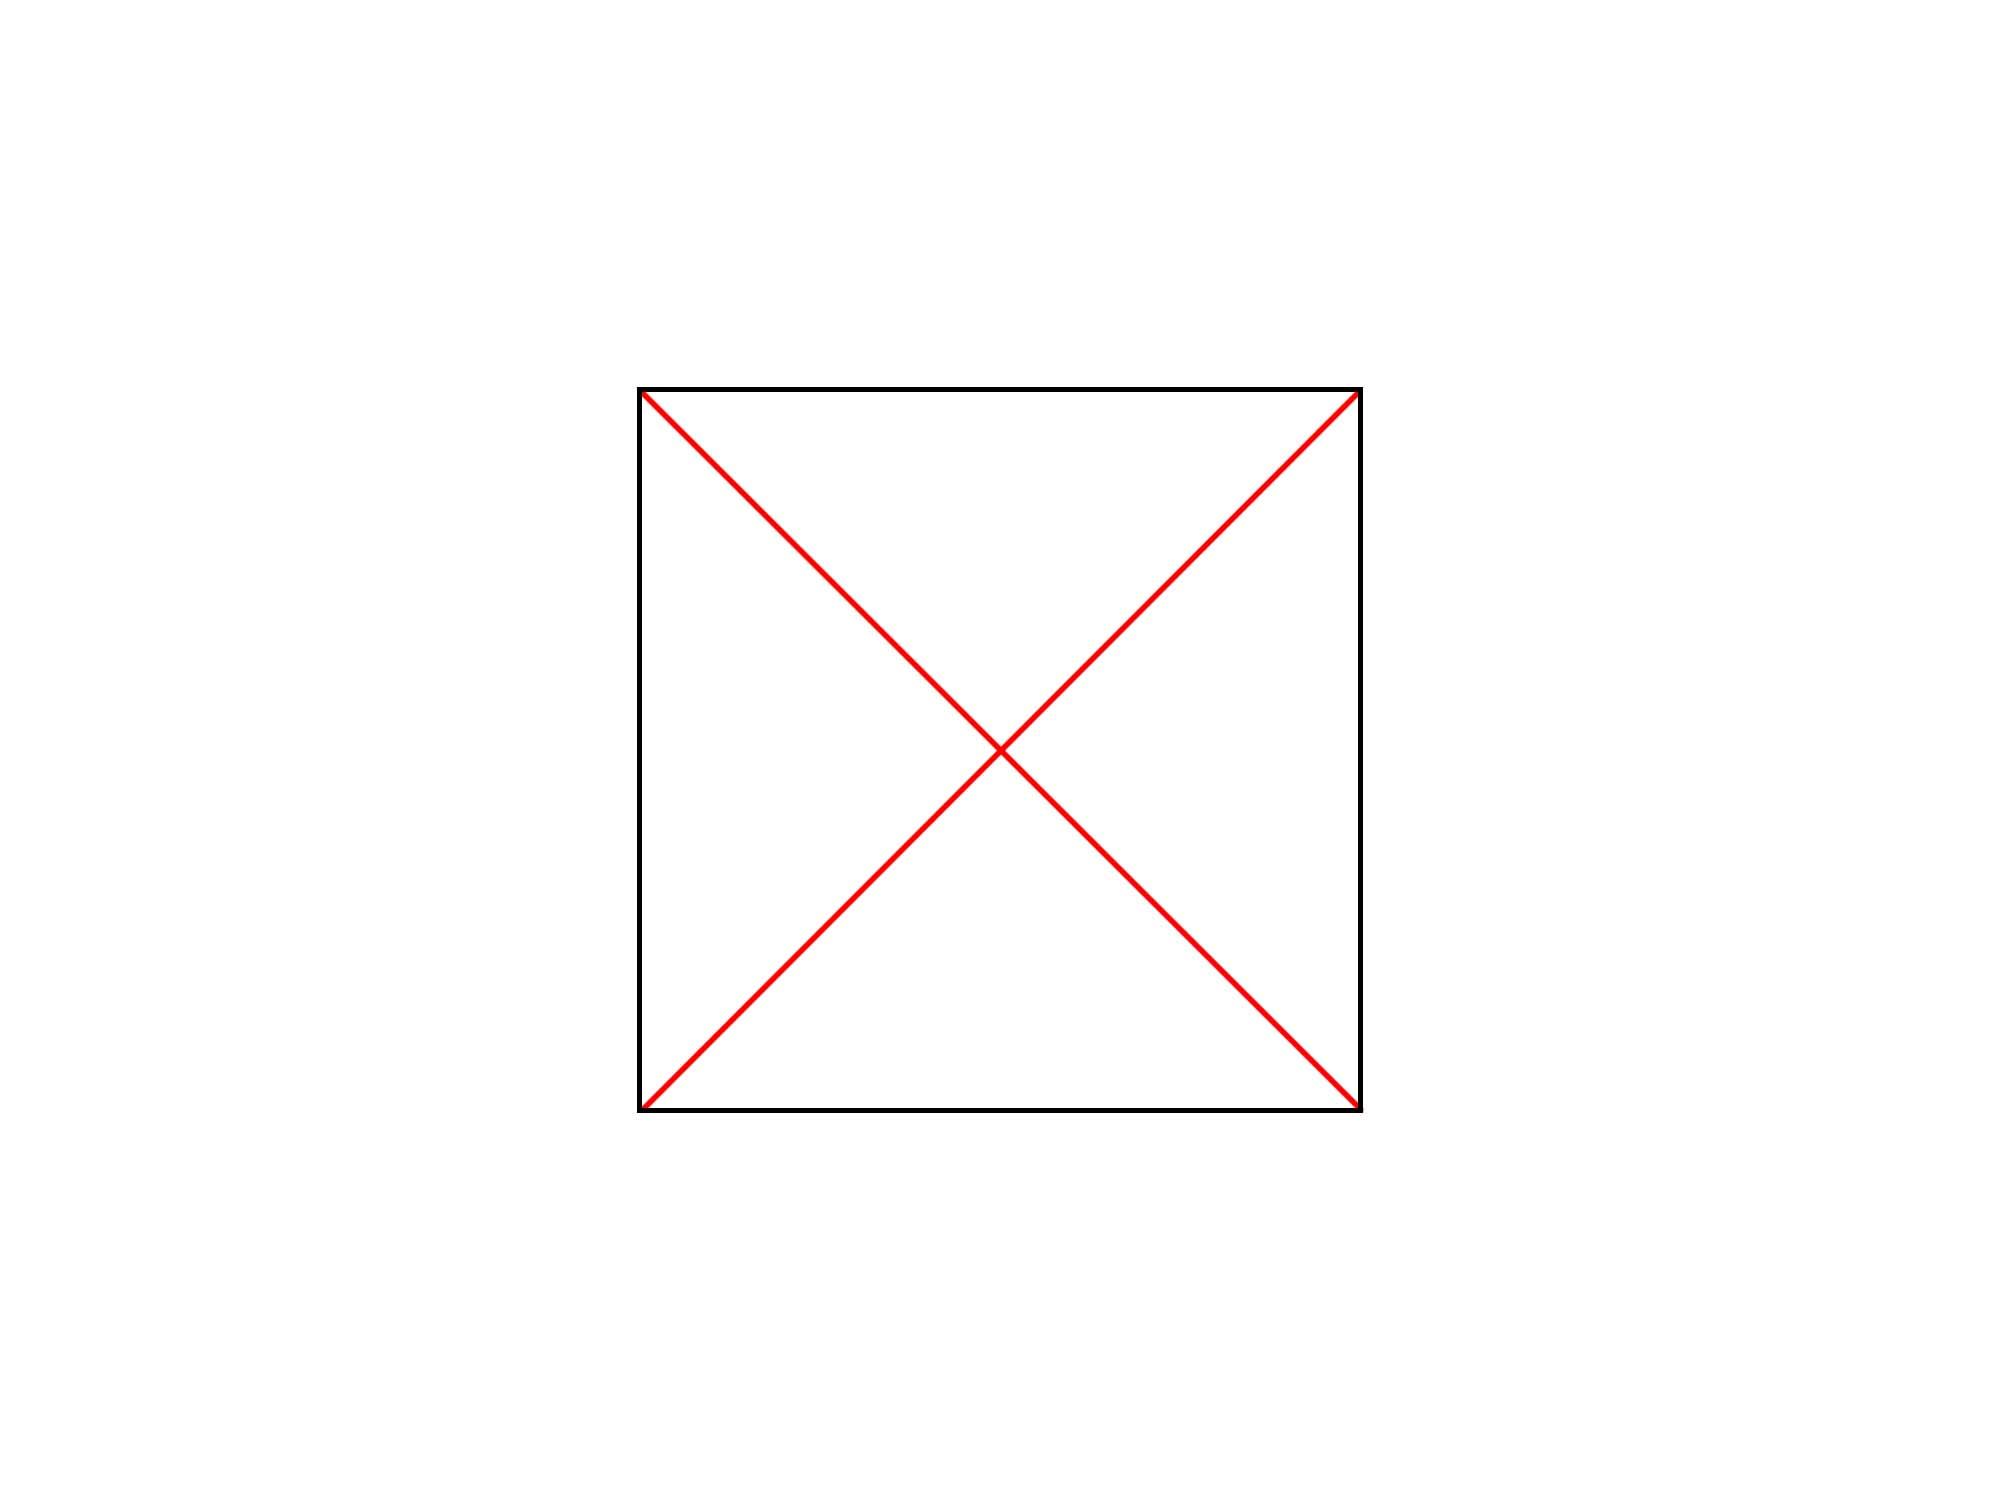 正方形に円を描く①